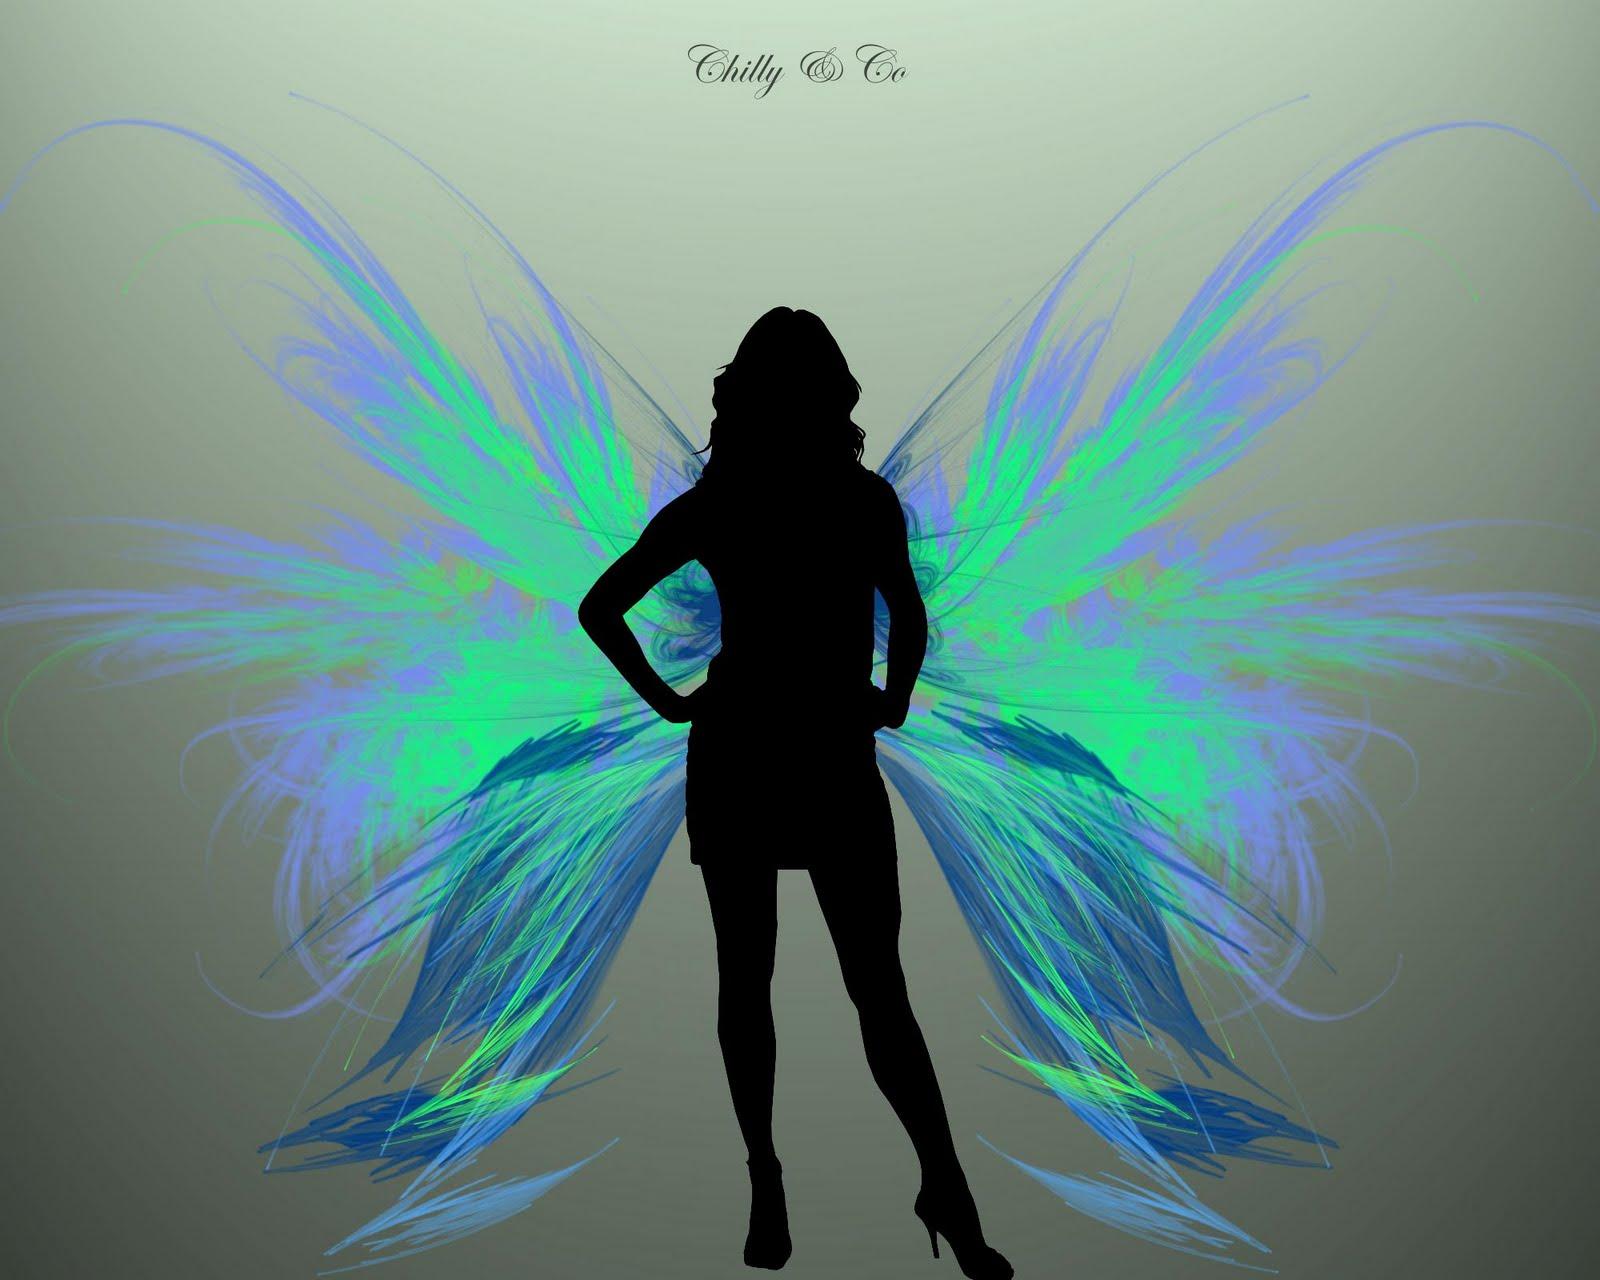 http://2.bp.blogspot.com/_gpm7Wzg5tkw/S7HcmN8SErI/AAAAAAAAAKw/okNOmQVDV9U/s1600/wallpaper_21940.jpg